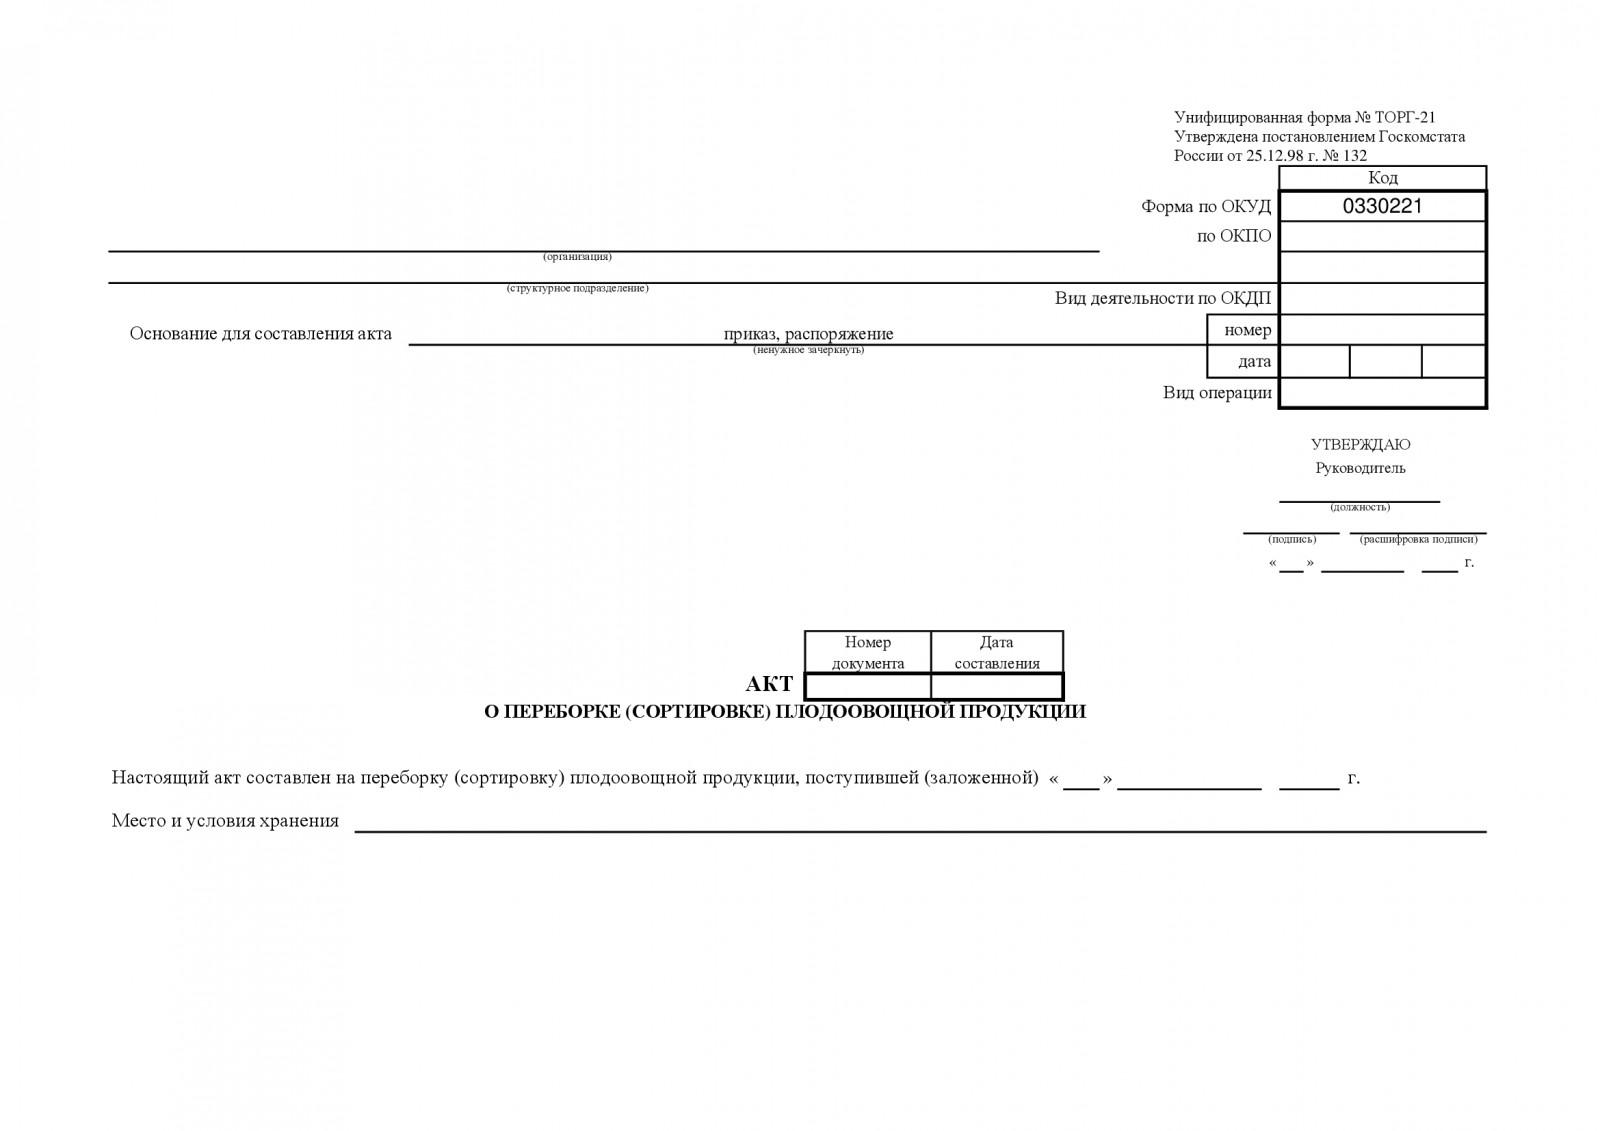 чистка акт о вычещеной цистерне радиоэлектронной аппаратуры